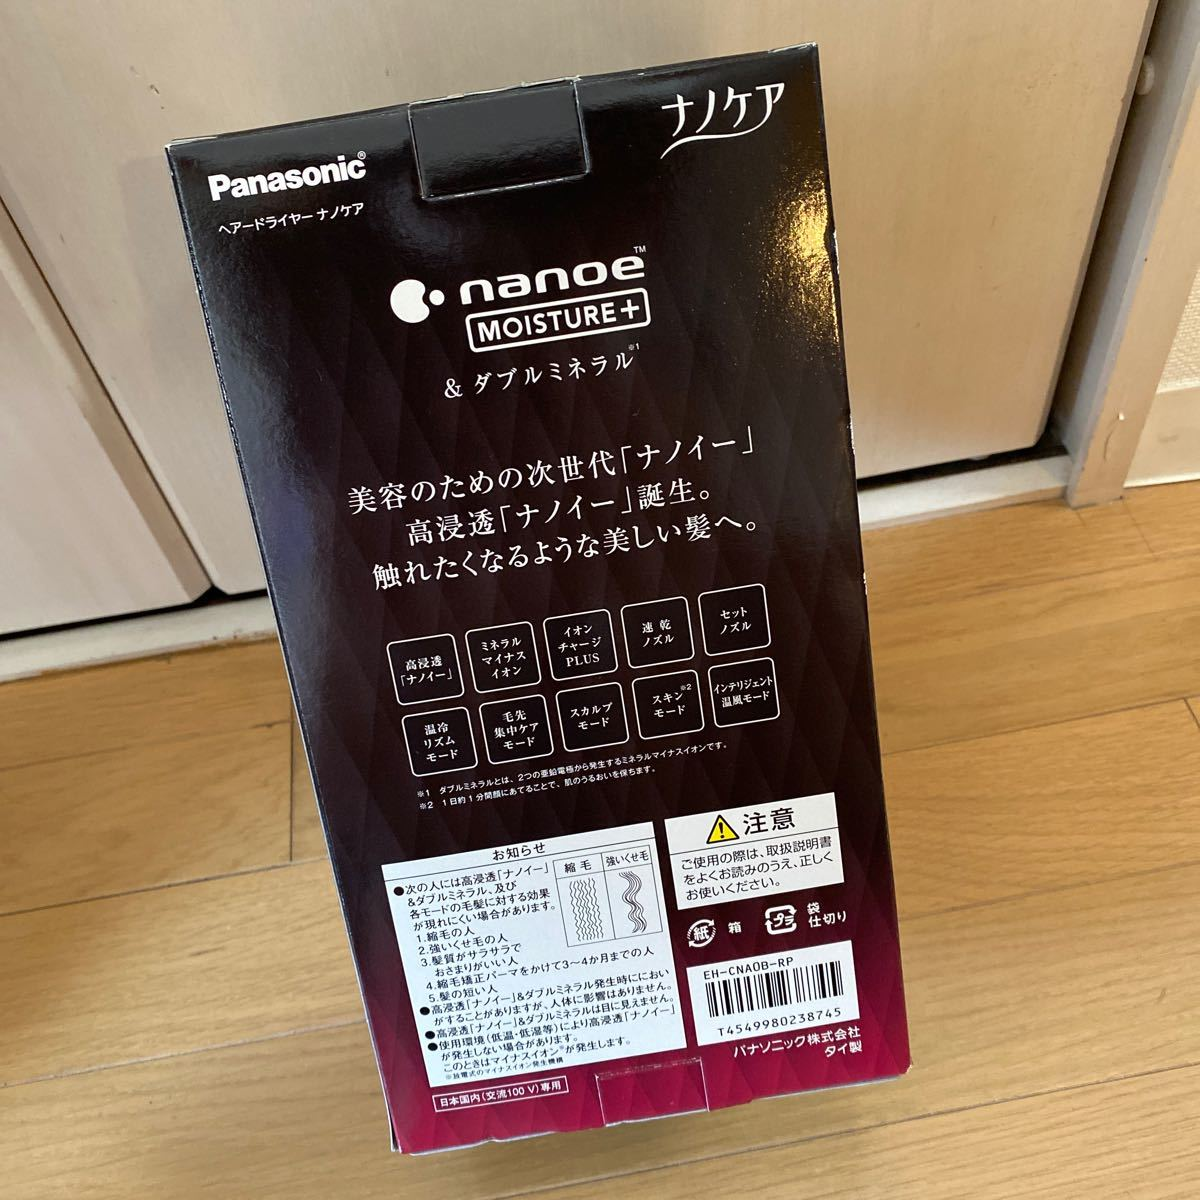 パナソニック Panasonic ナノケア EH-CNA0B-RP (ルージュピンク)ドライヤー 新品 未開封